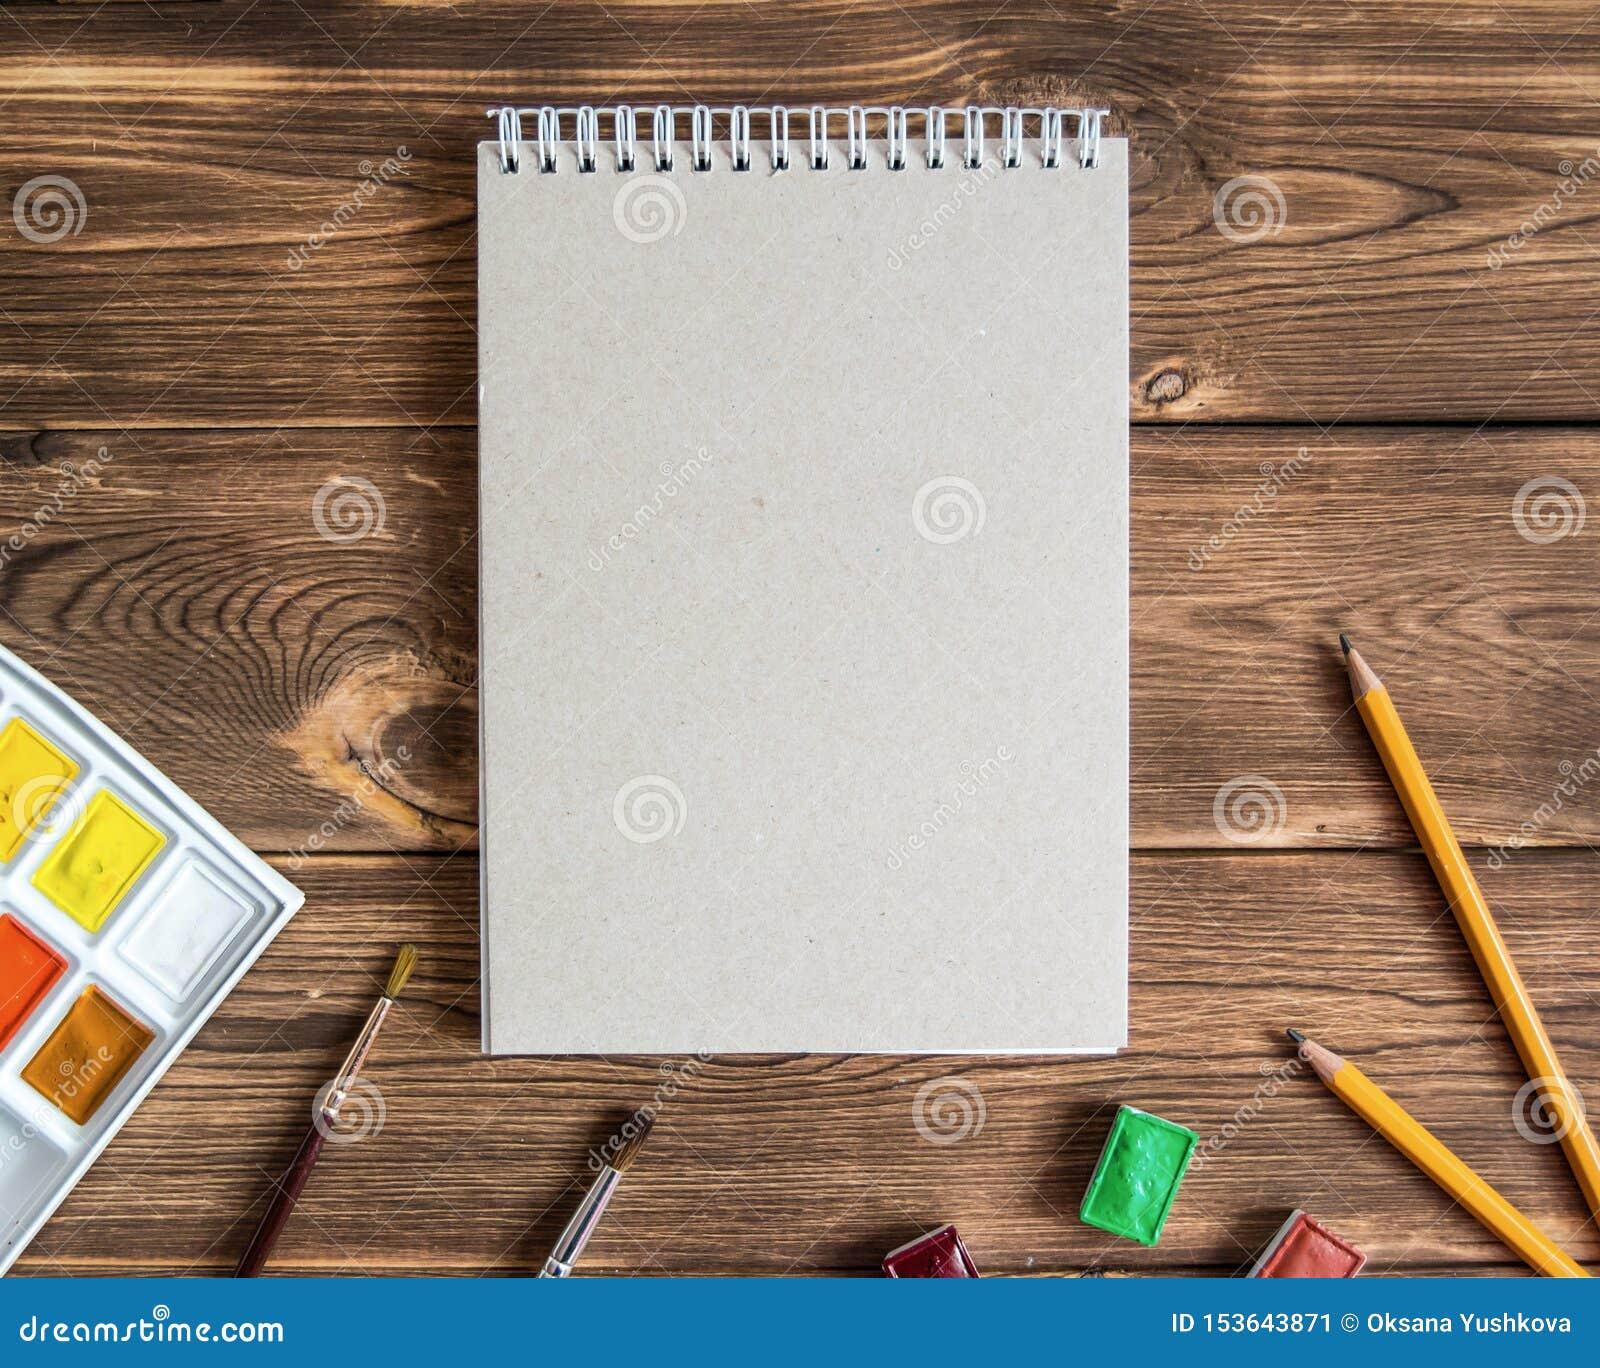 Pusty rysunku ochraniacz z ołówkami i farbami na drewnianym tle